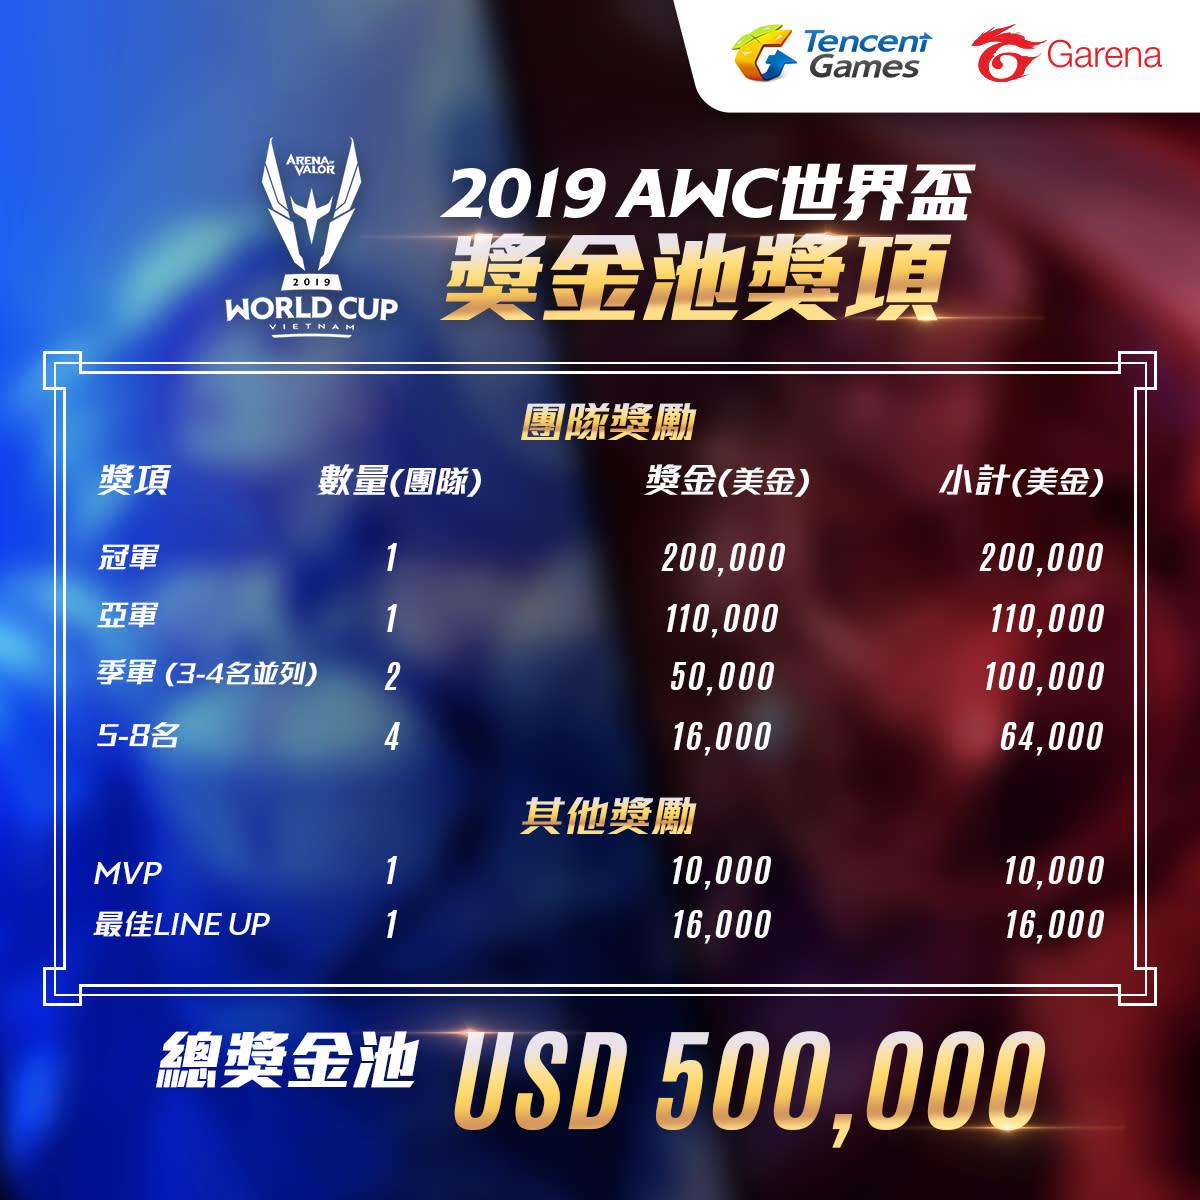 全球12強精銳隊伍將爭奪總獎金 50 萬美元。